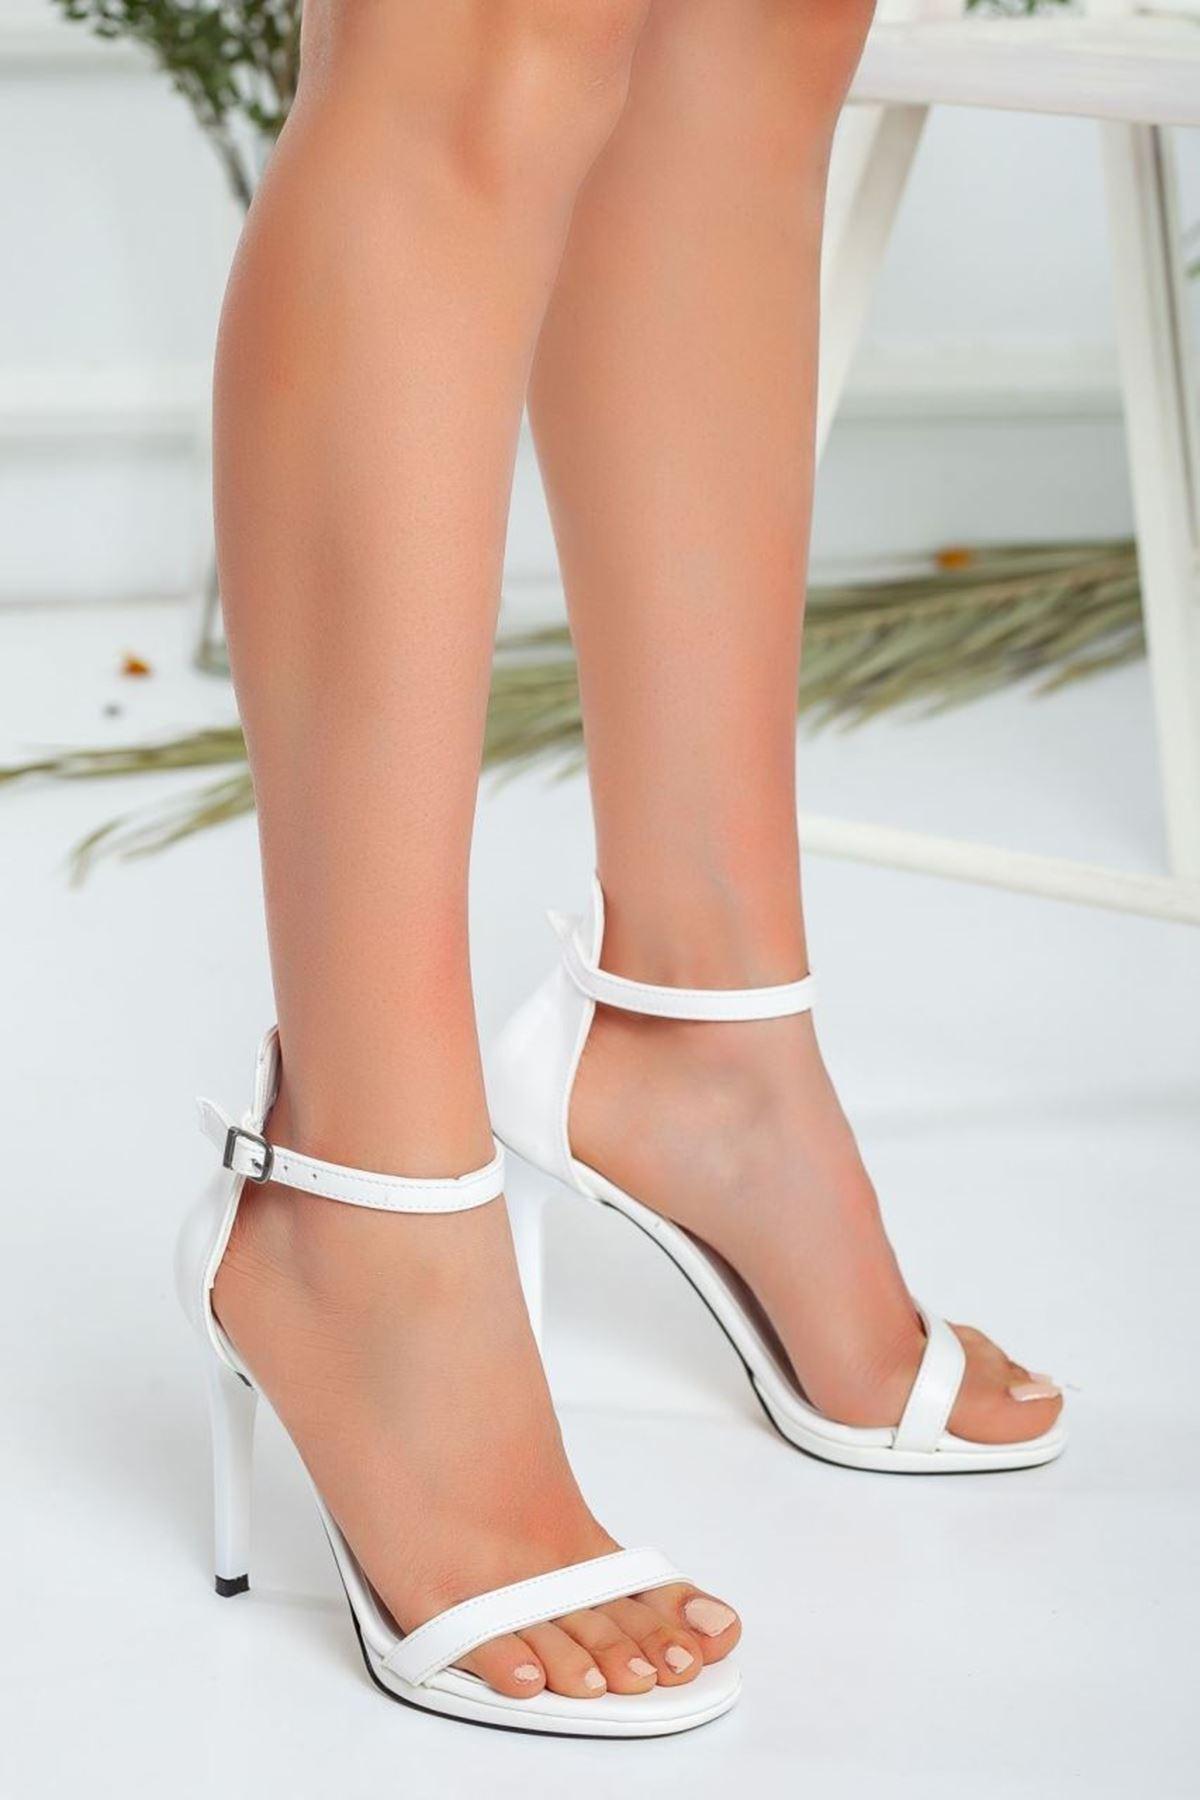 Kadın Natis Yüksek Topuklu Ayakkabı Mat Deri Beyaz